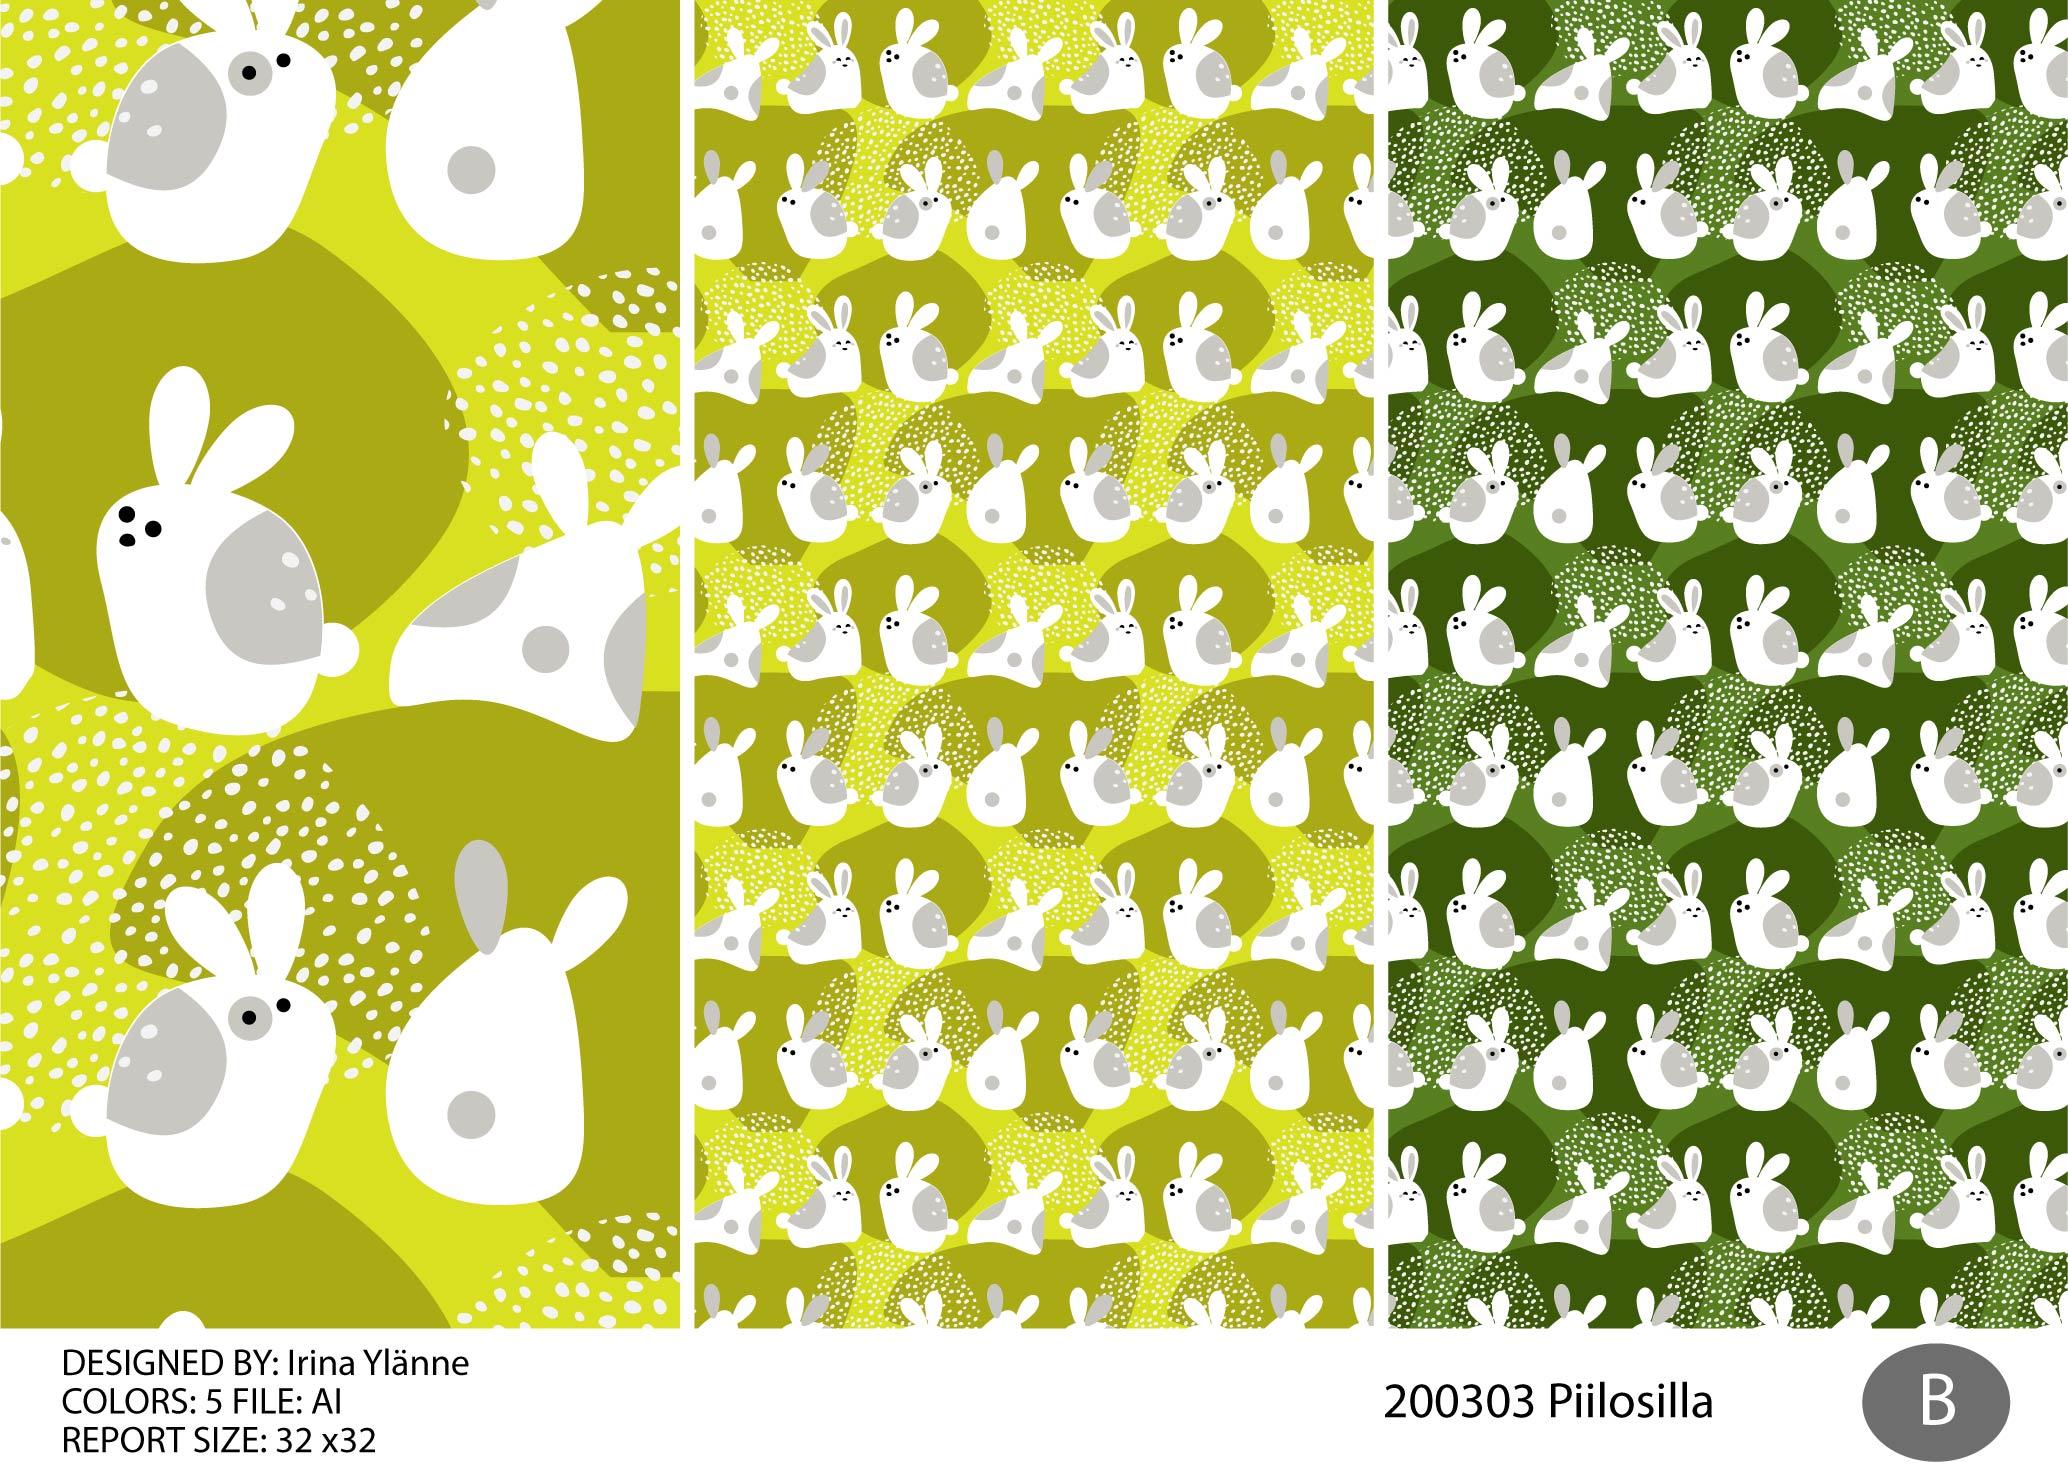 irinas_200303_piilosilla-02